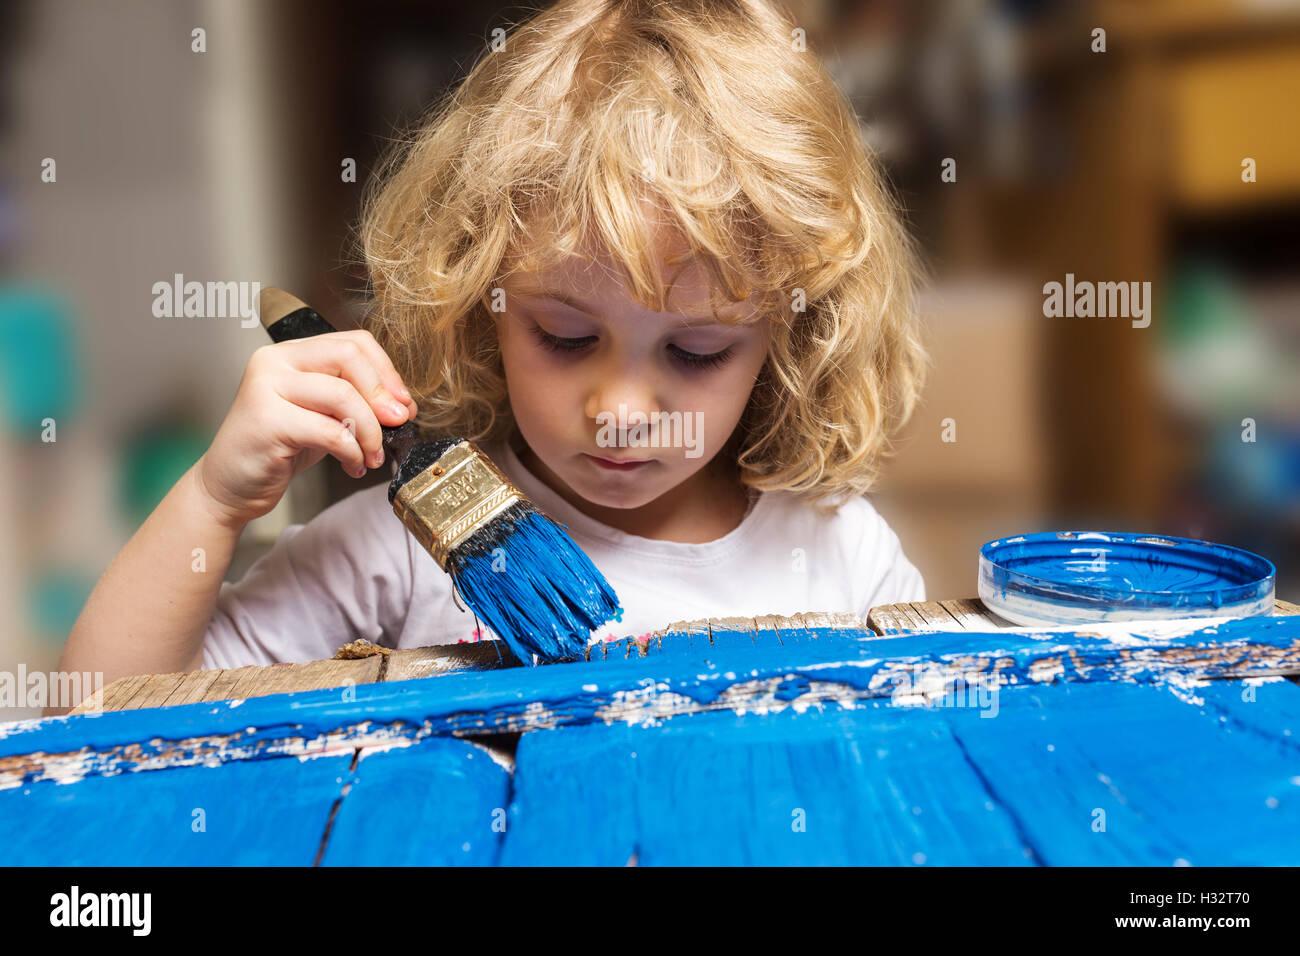 Verniciare Un Tavolo Di Legno bambina di verniciatura di un tavolo di legno con lo